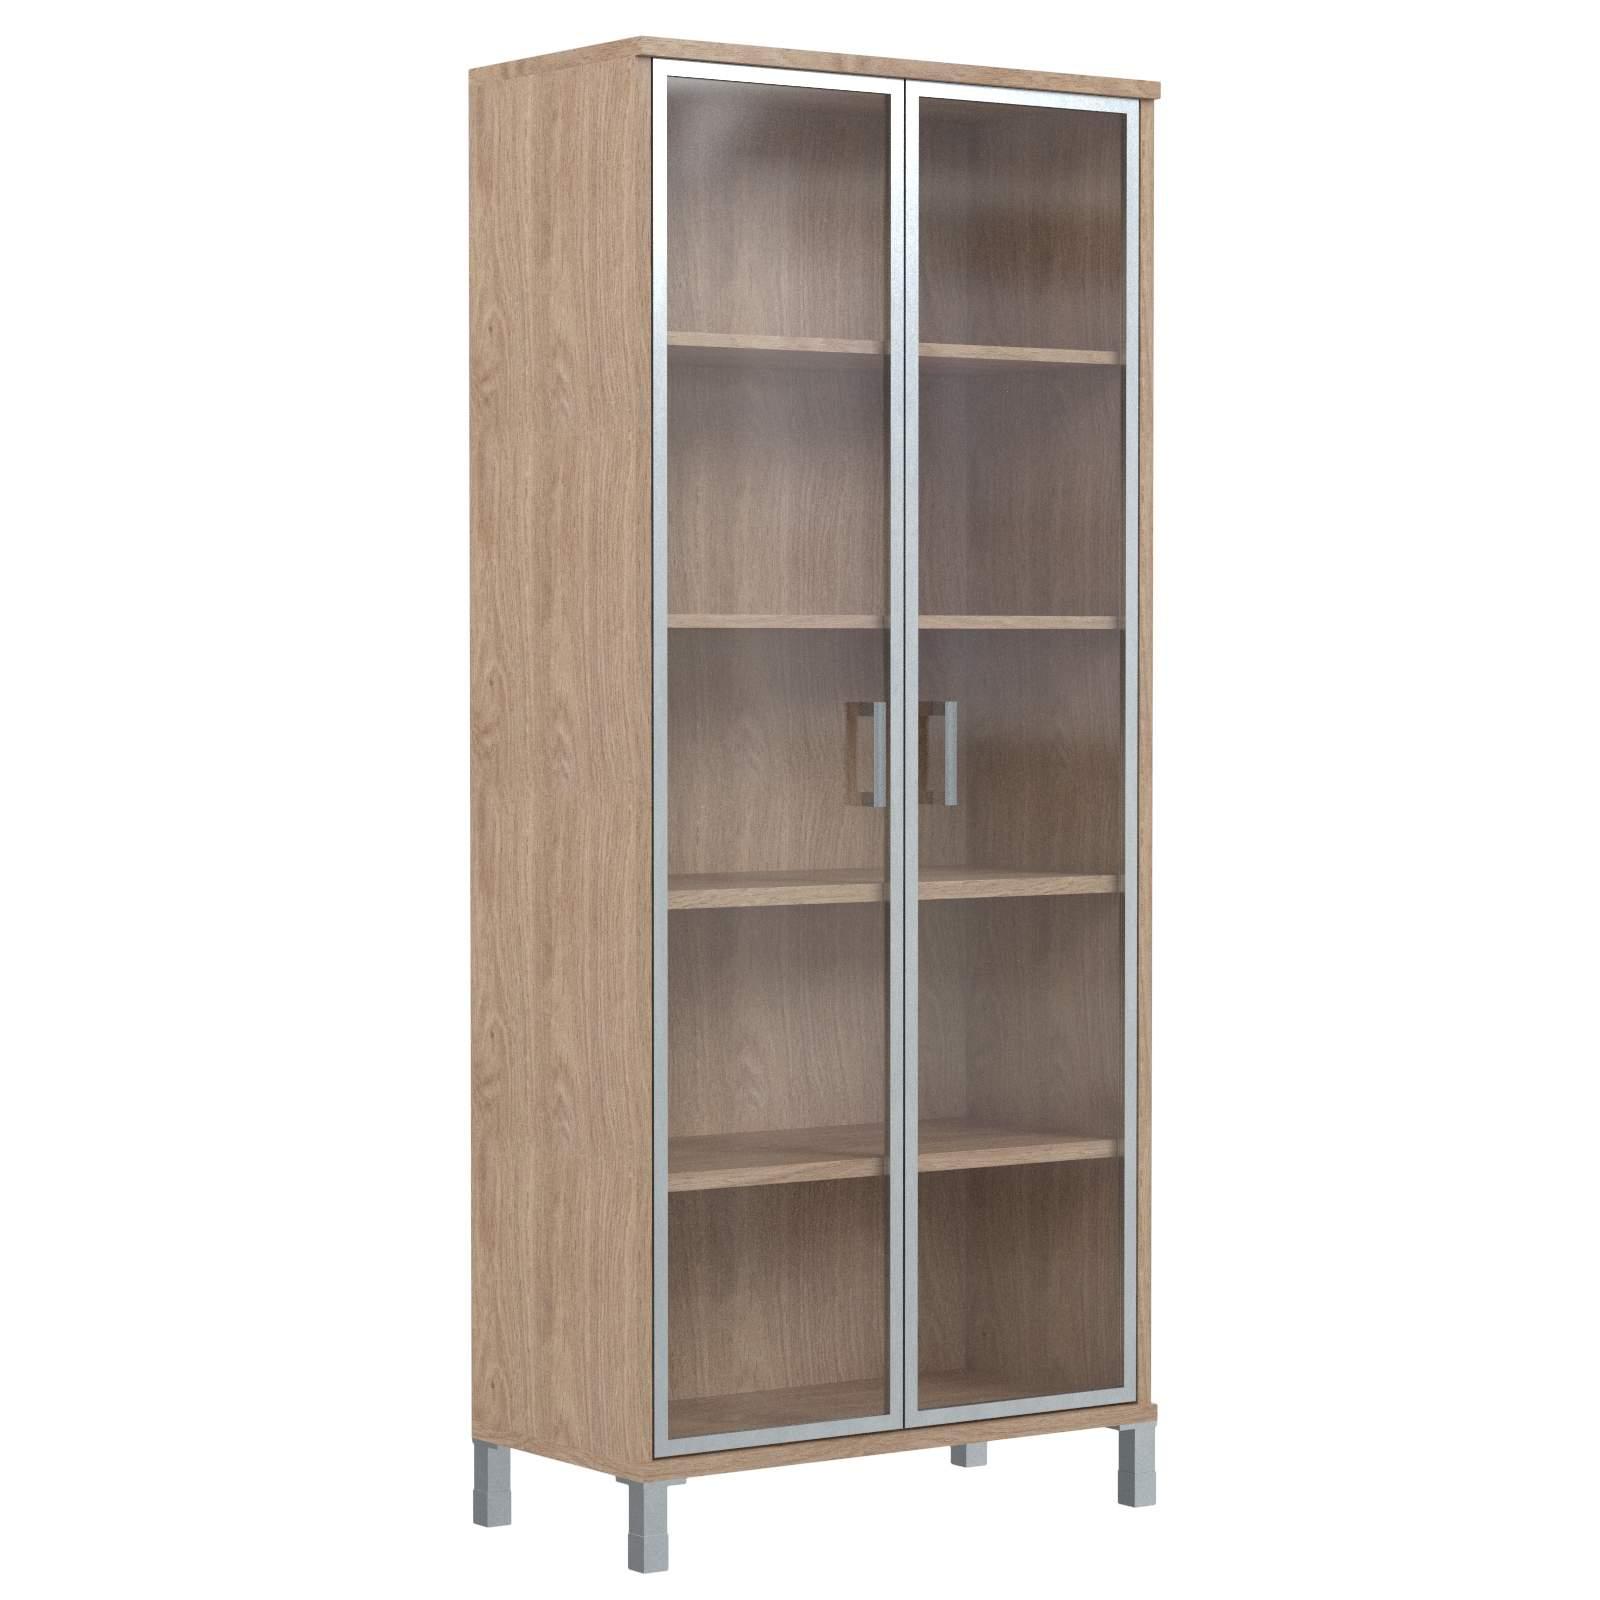 Шкаф высокий со стеклянными дверьми в алюм. рамке 900х435х2004